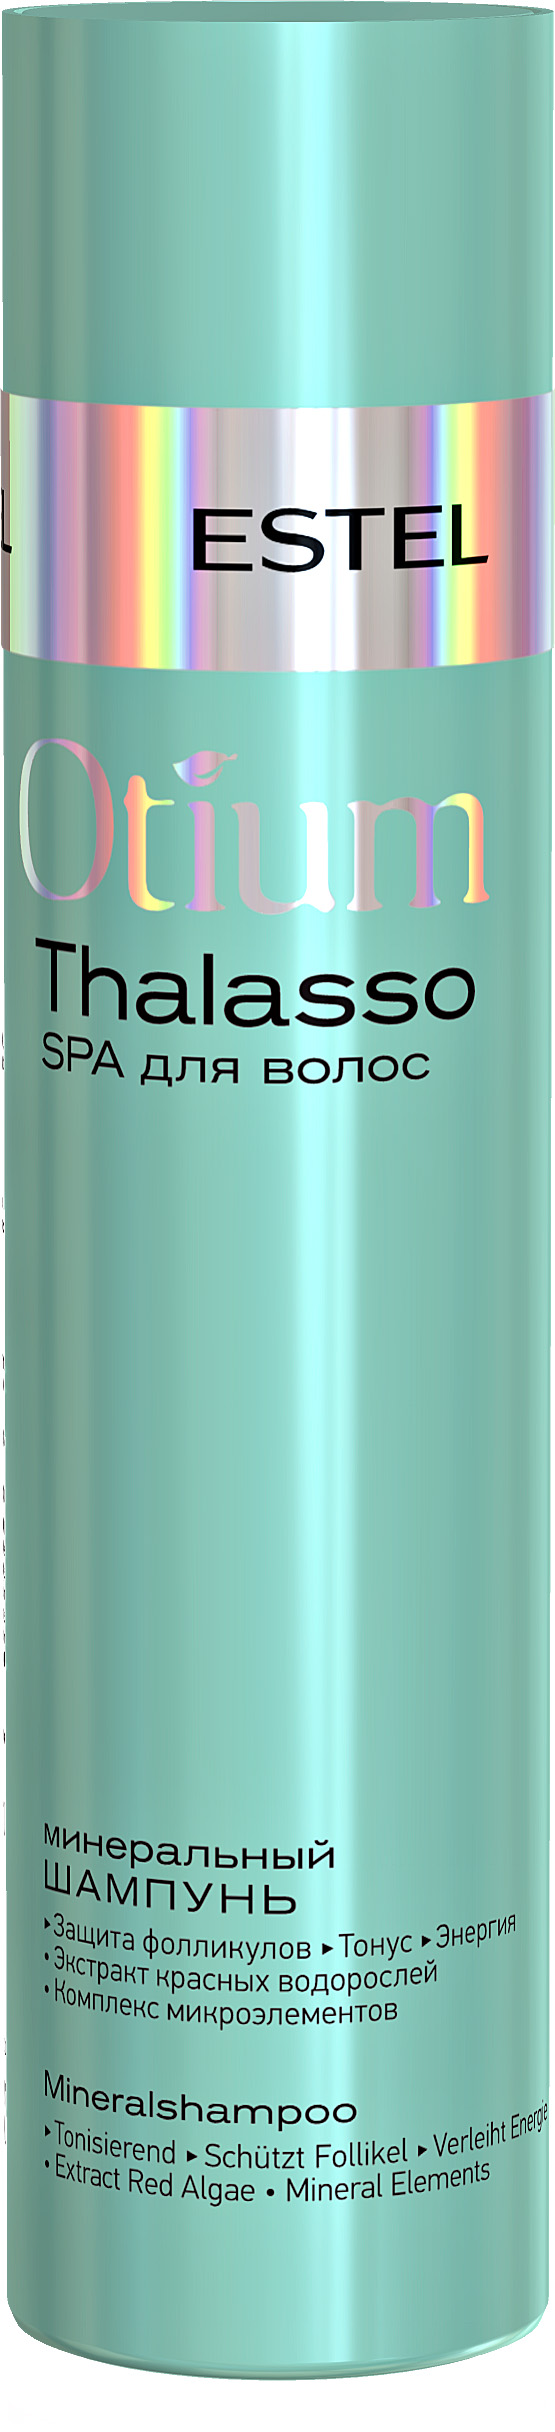 ESTEL PROFESSIONAL Шампунь минеральный для волос / OTIUM THALASSO Shampoo 250 мл